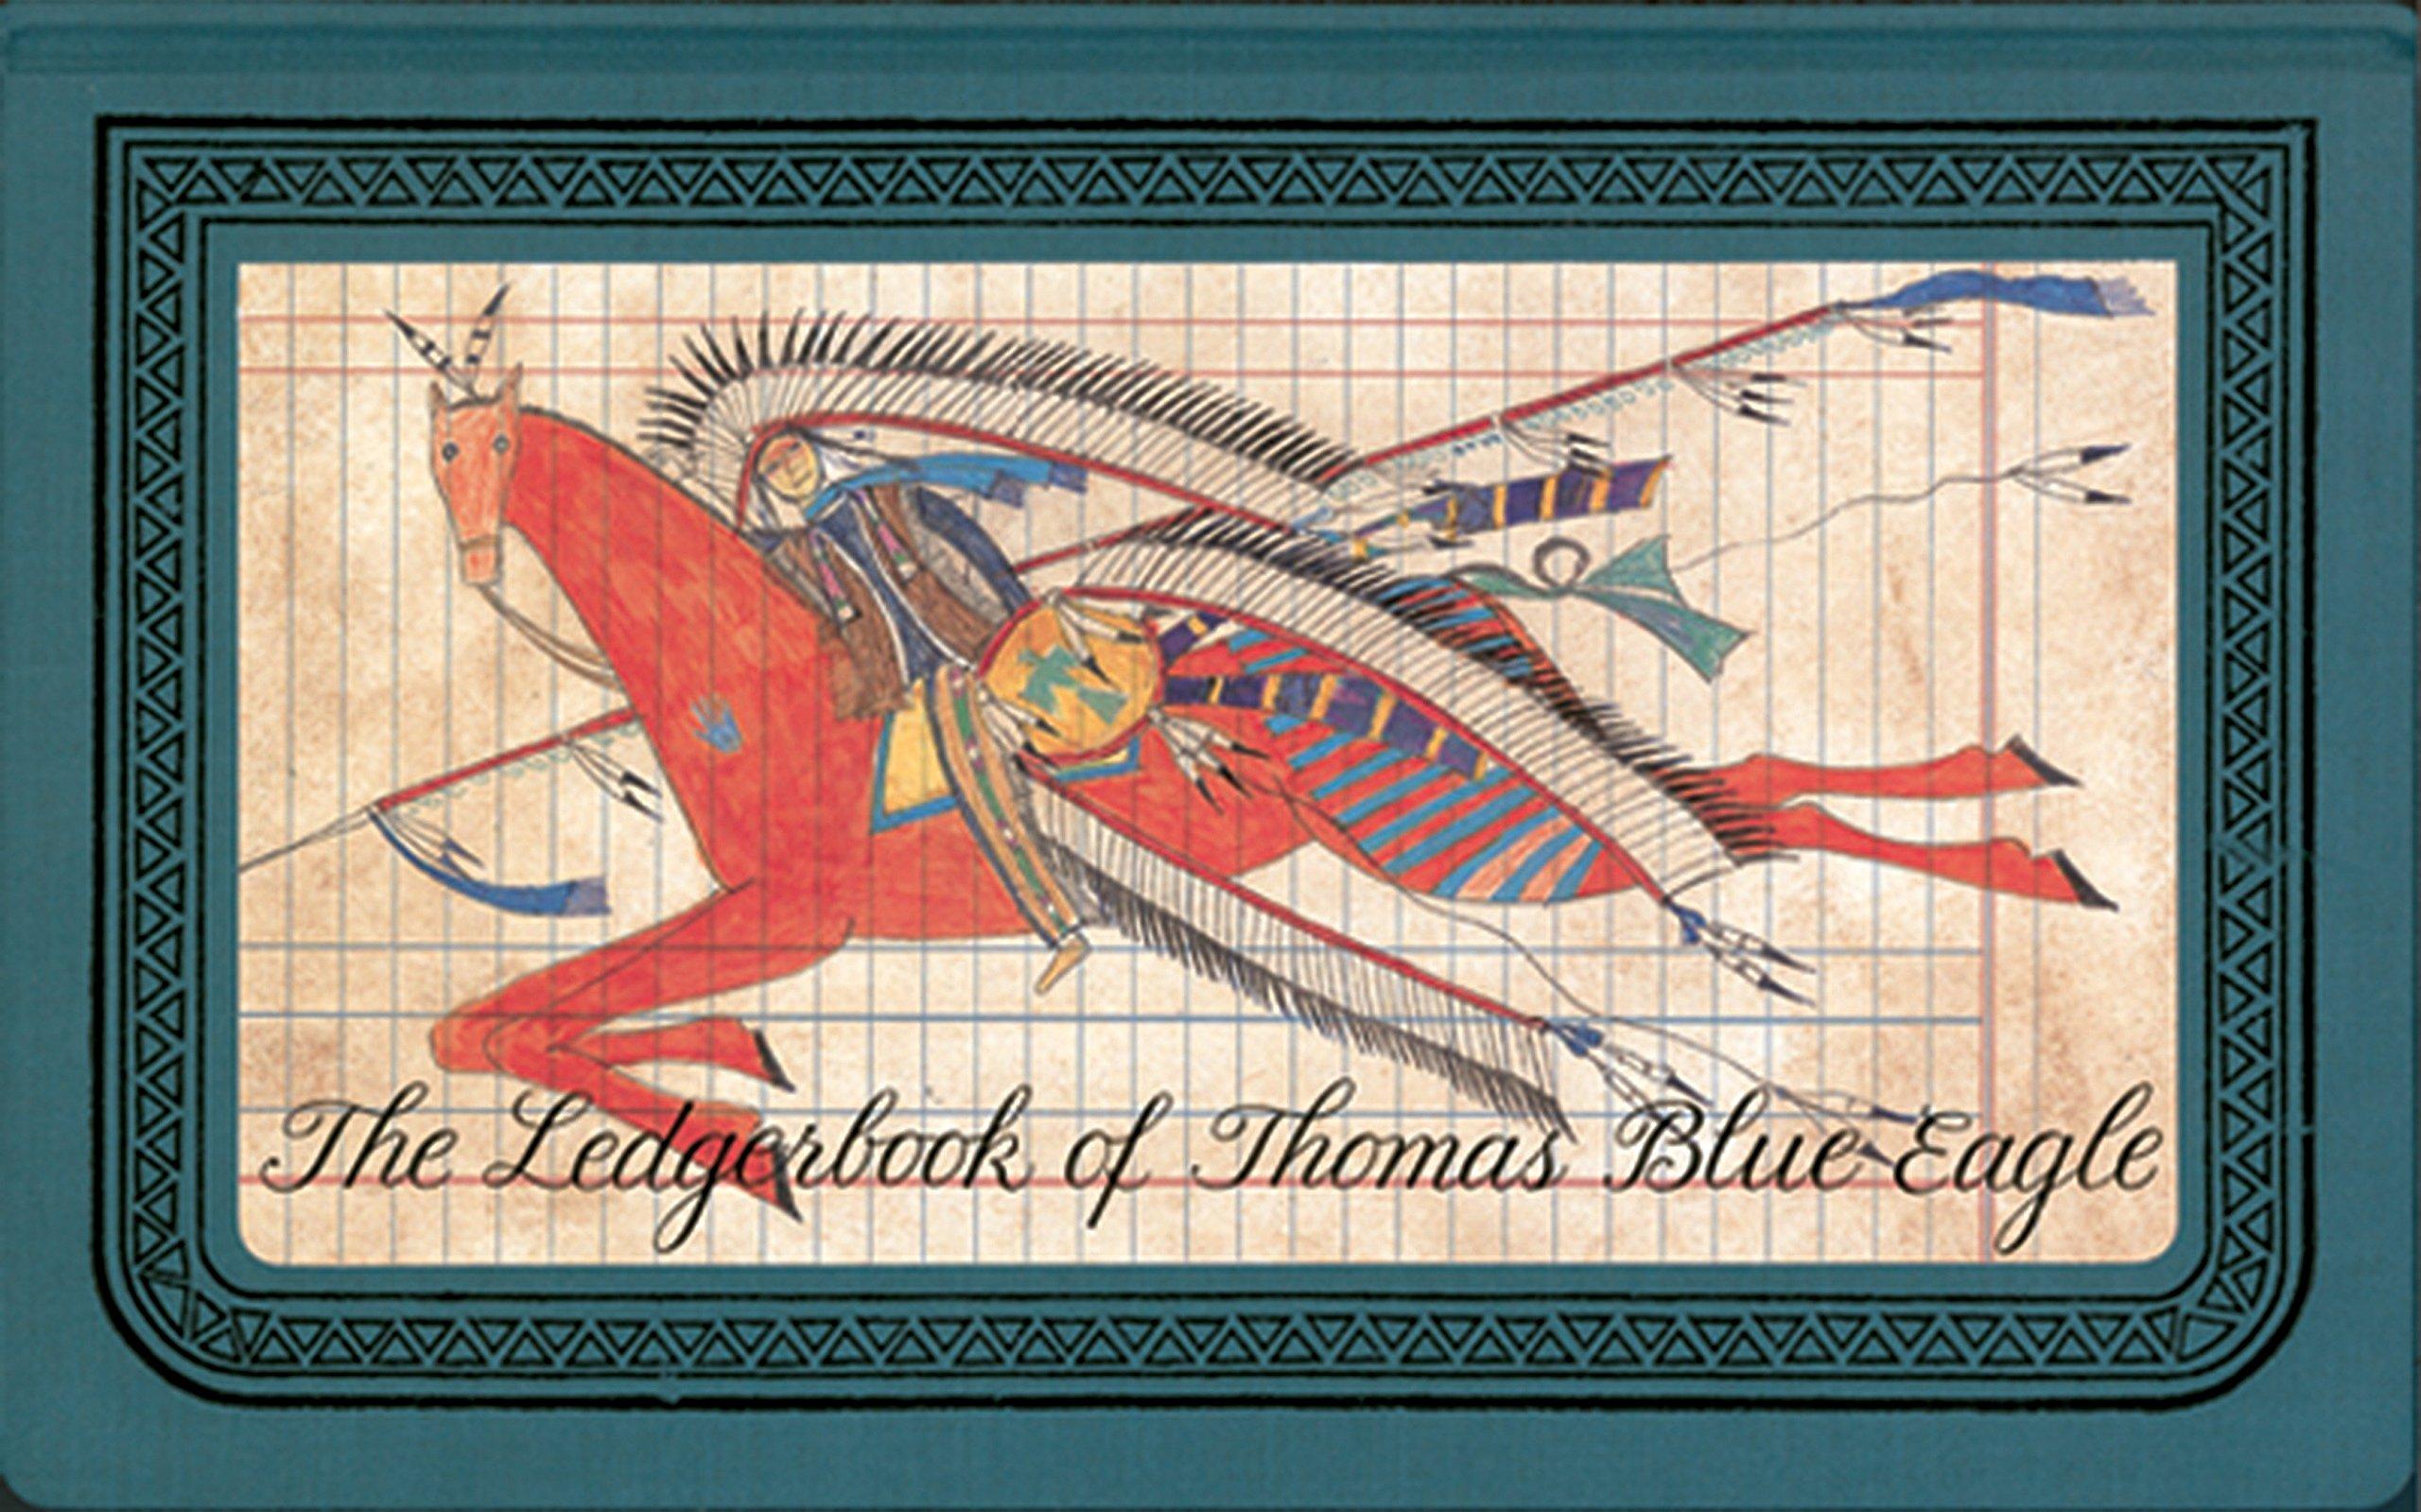 The Ledgerbook of Thomas Blue Eagle